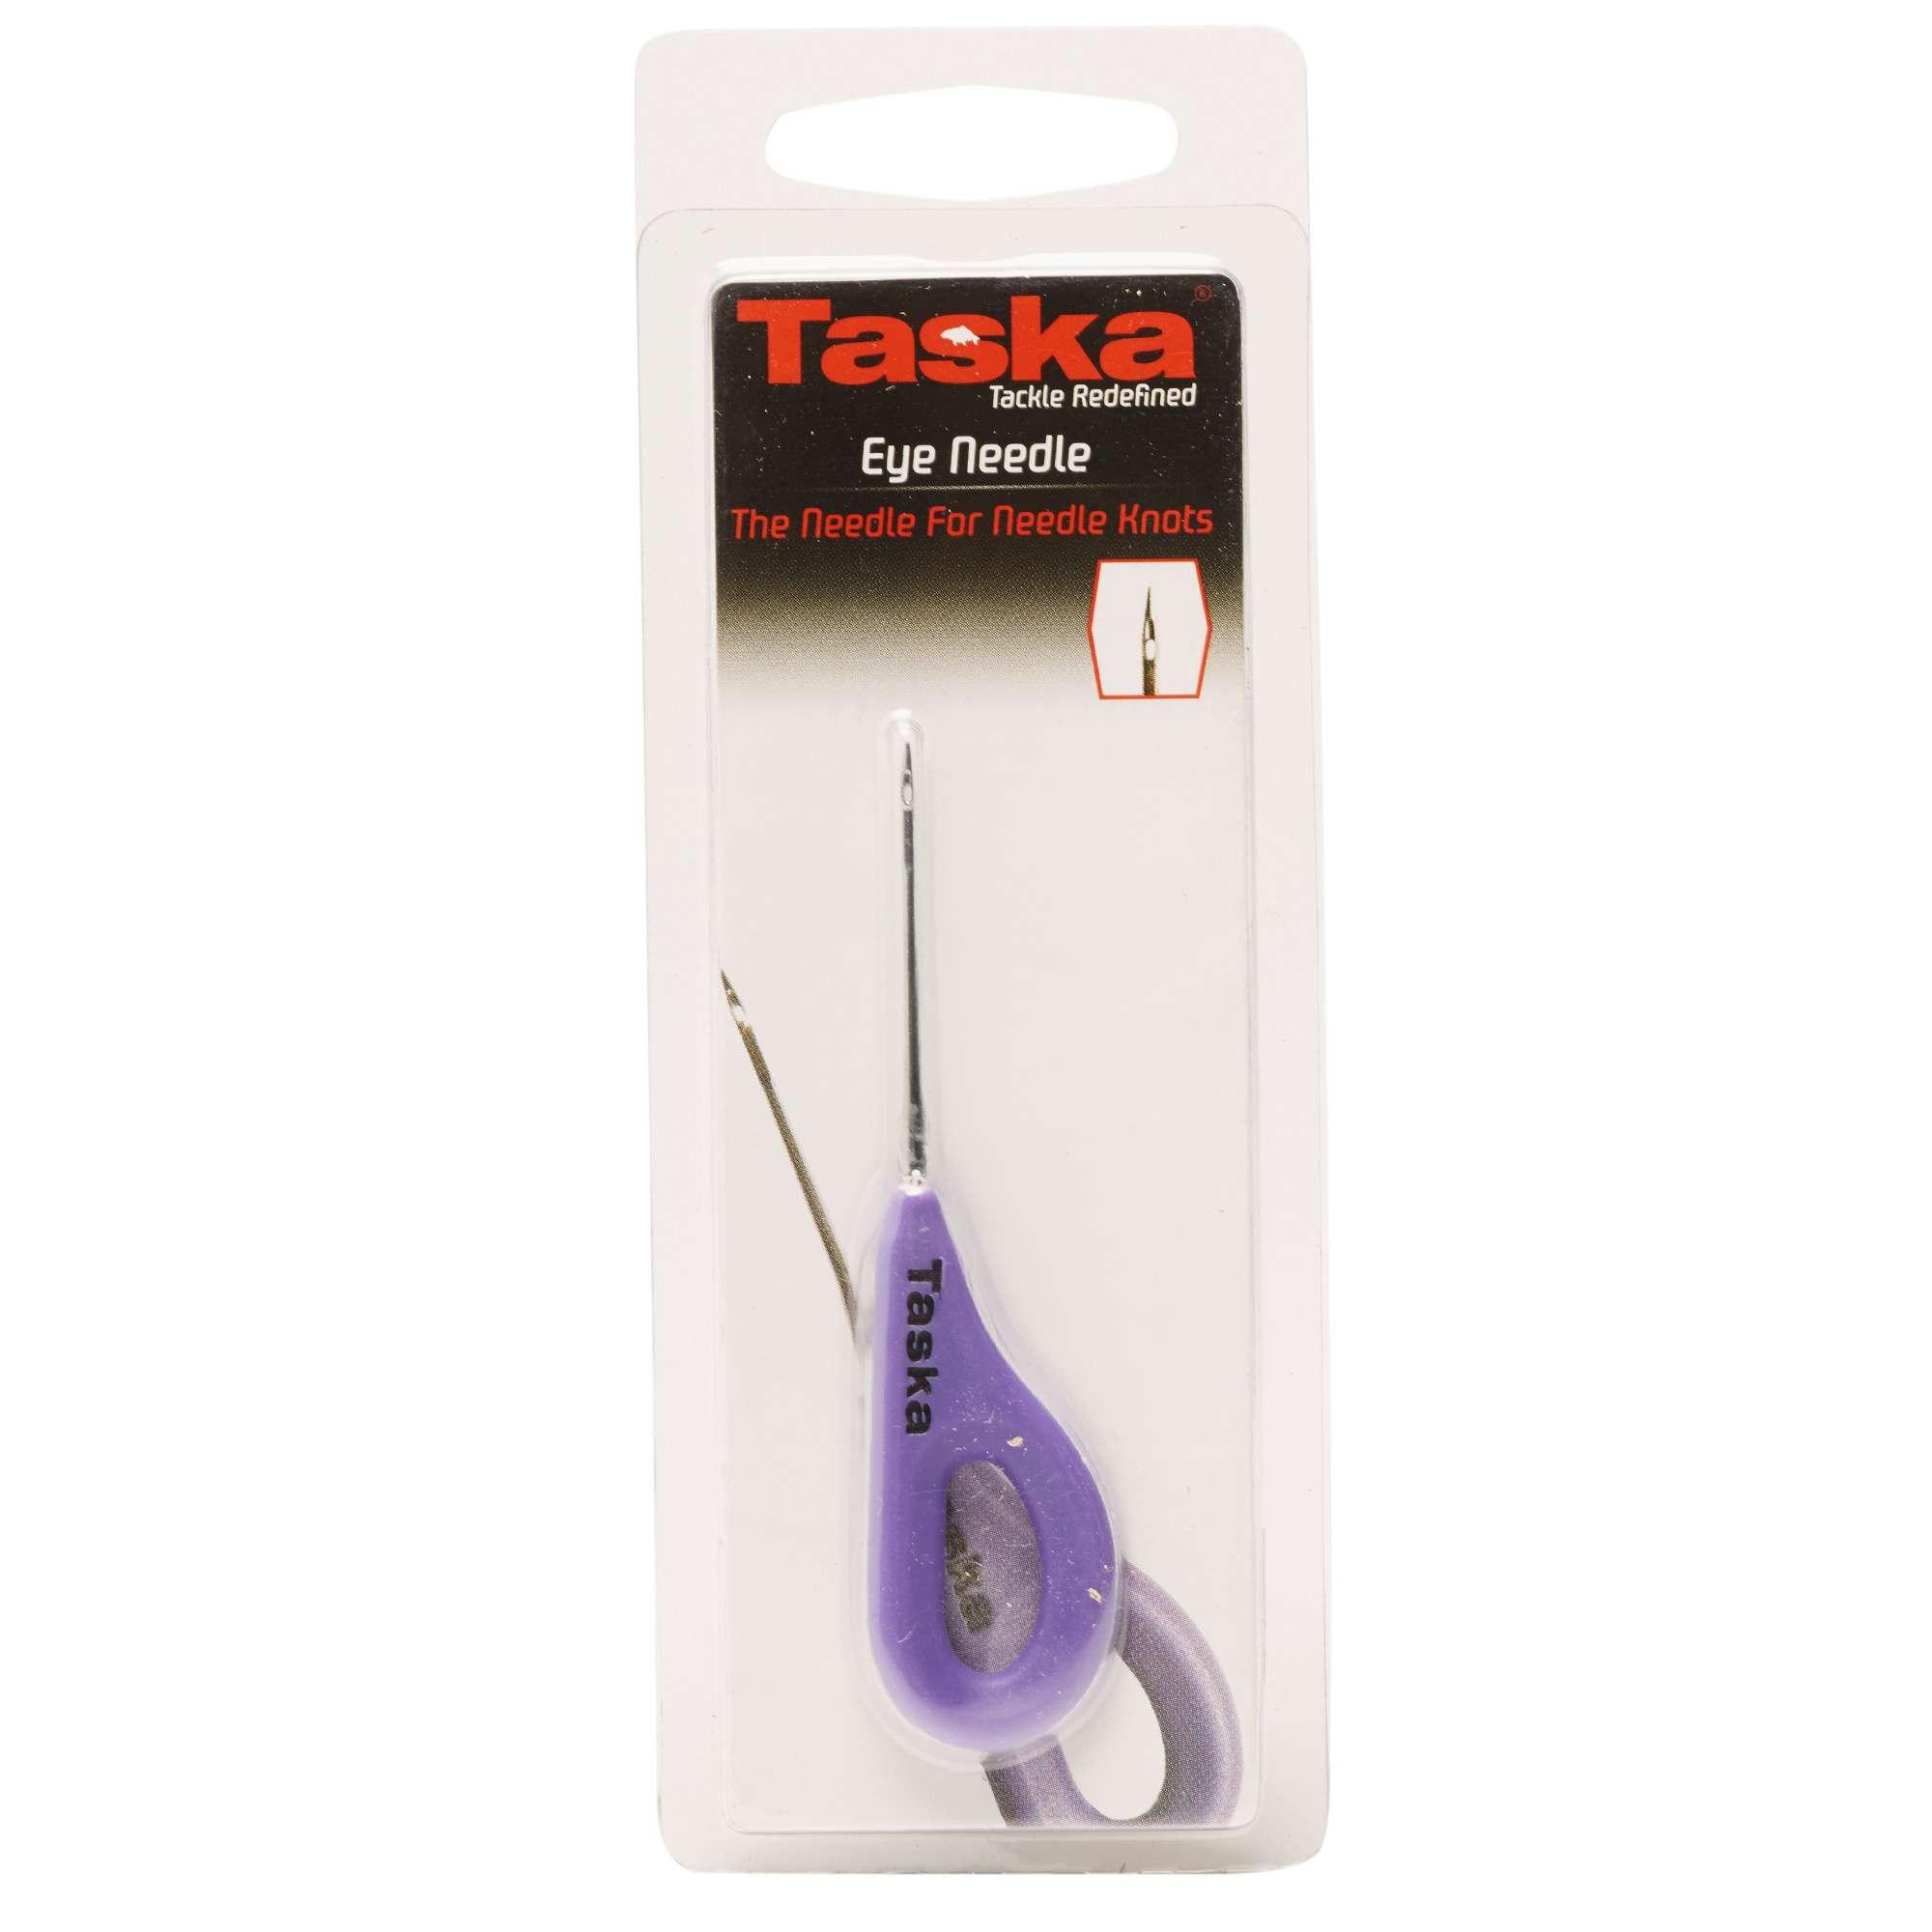 TASKA Eye Needle